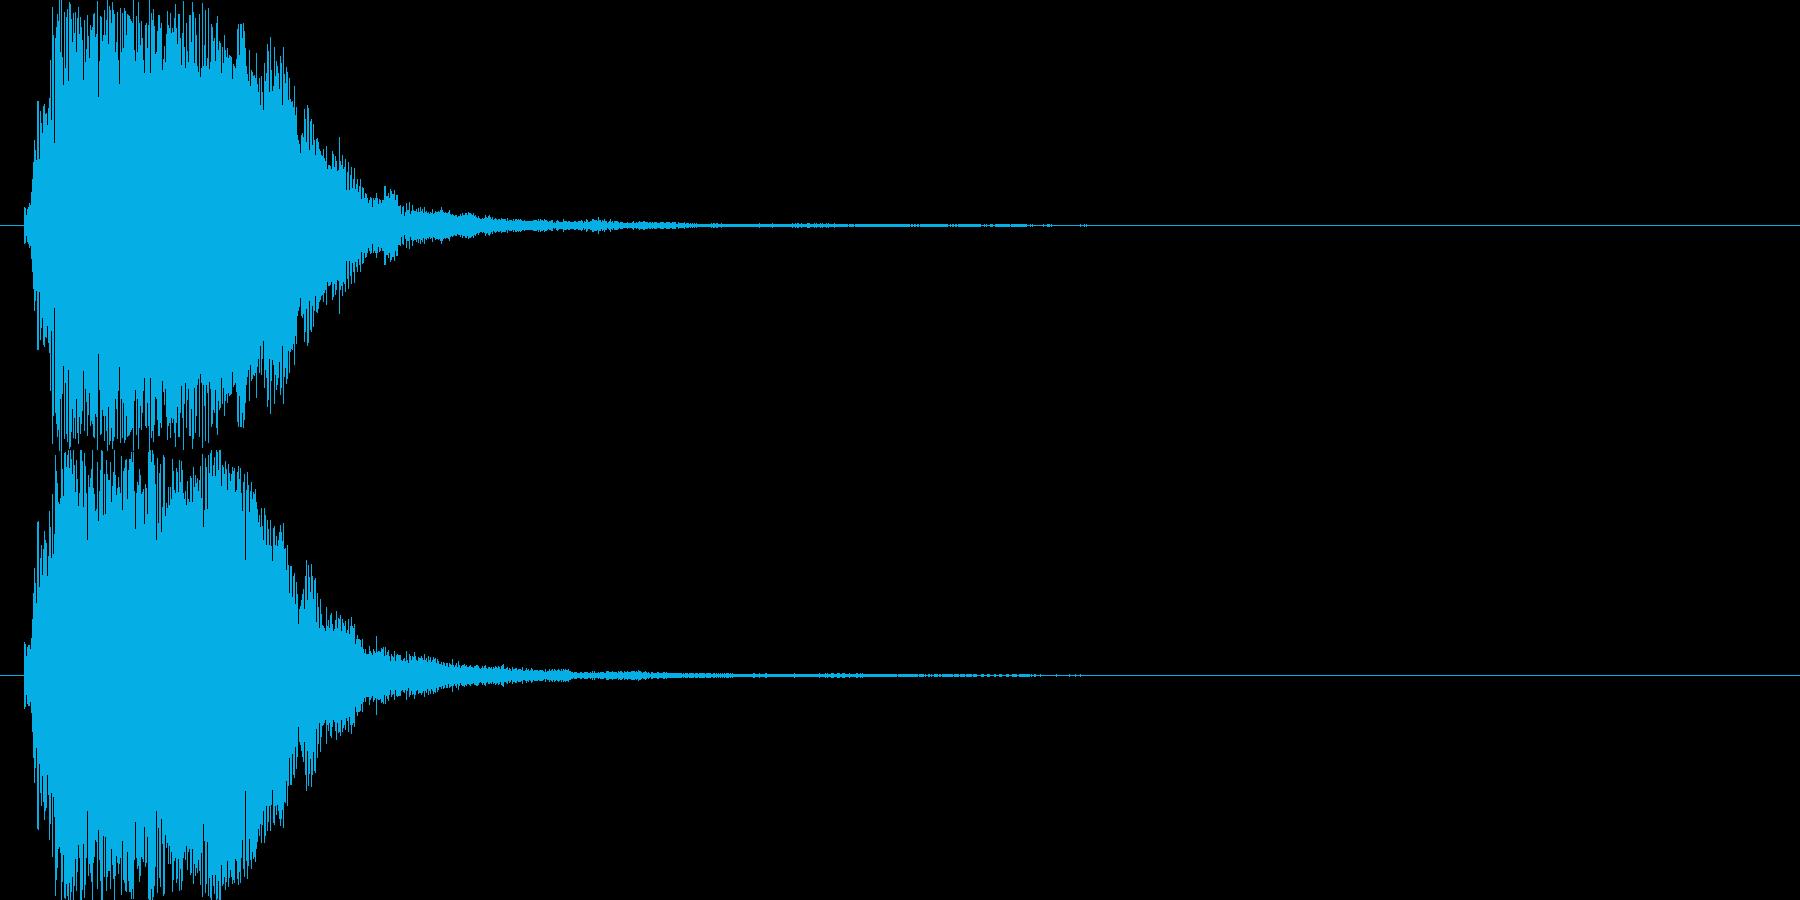 上昇系の効果音です。『ザララララン』の再生済みの波形